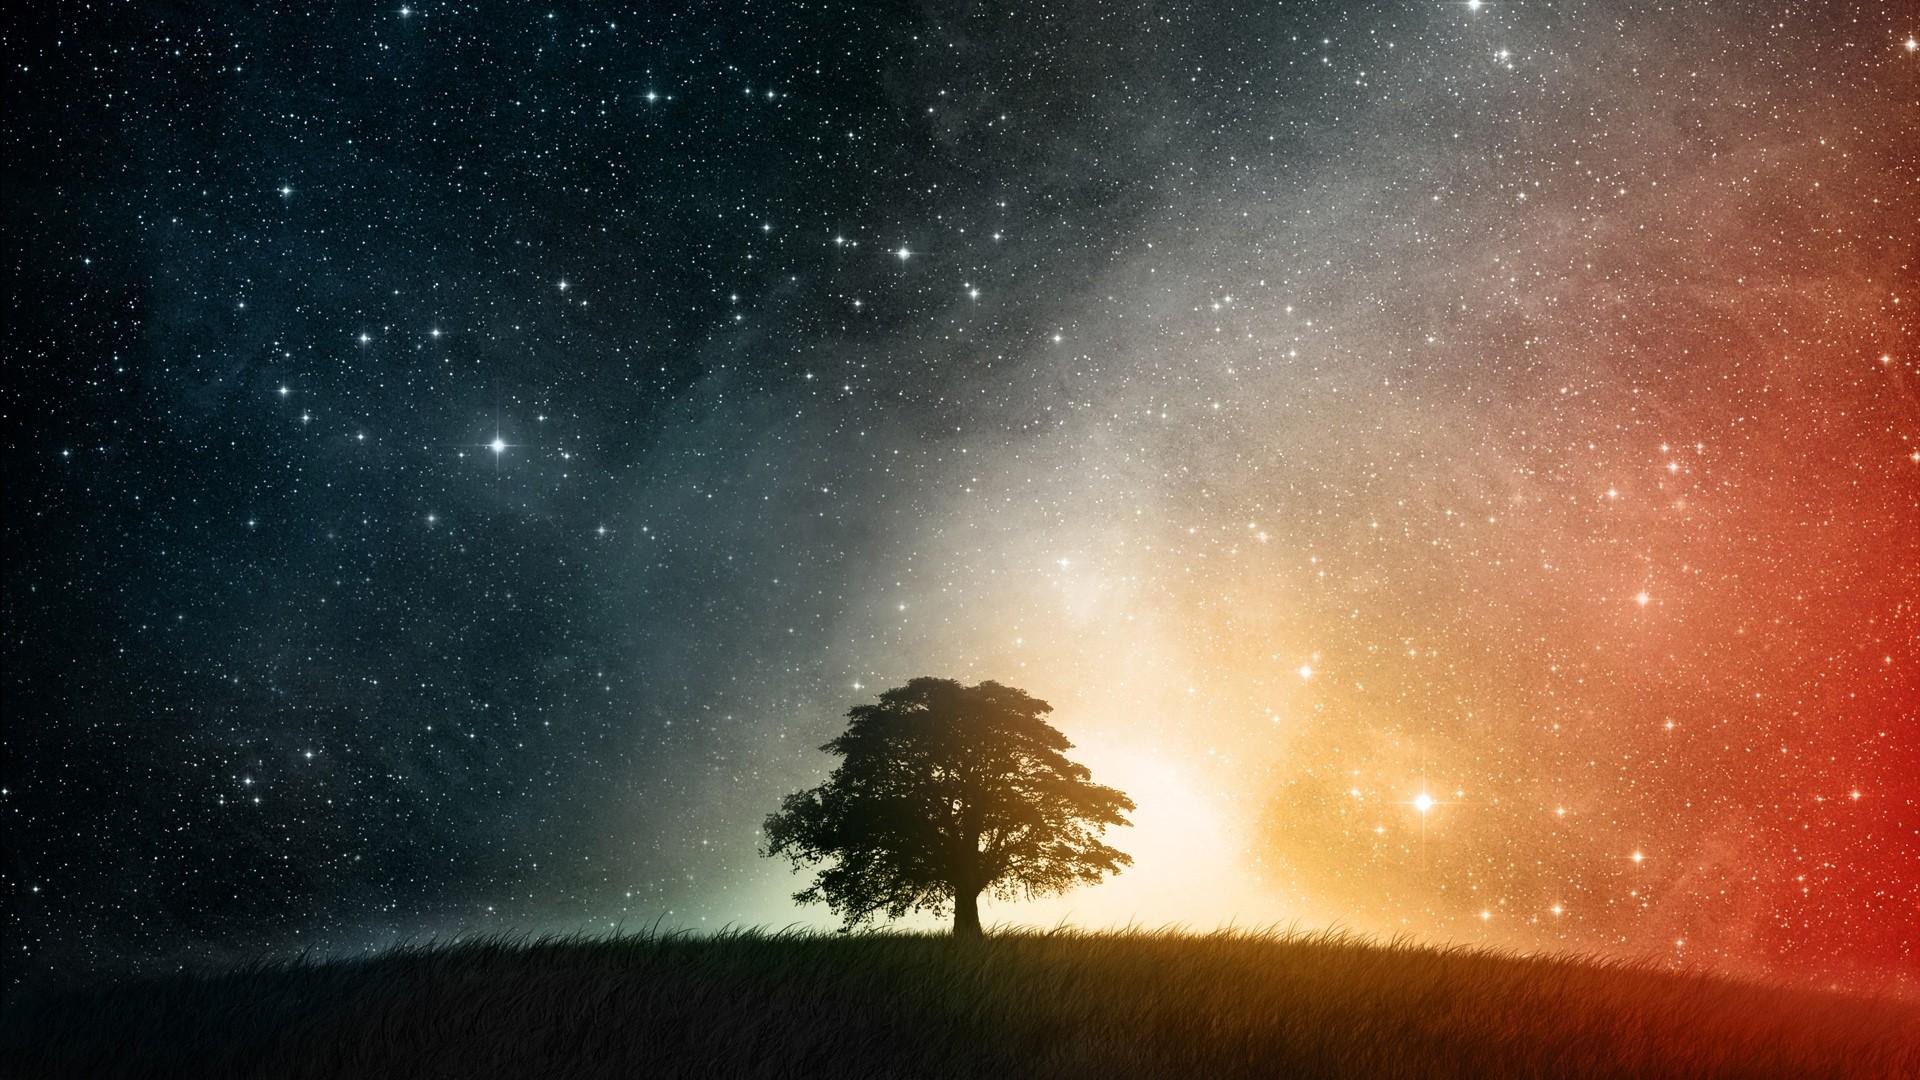 tree against night sky